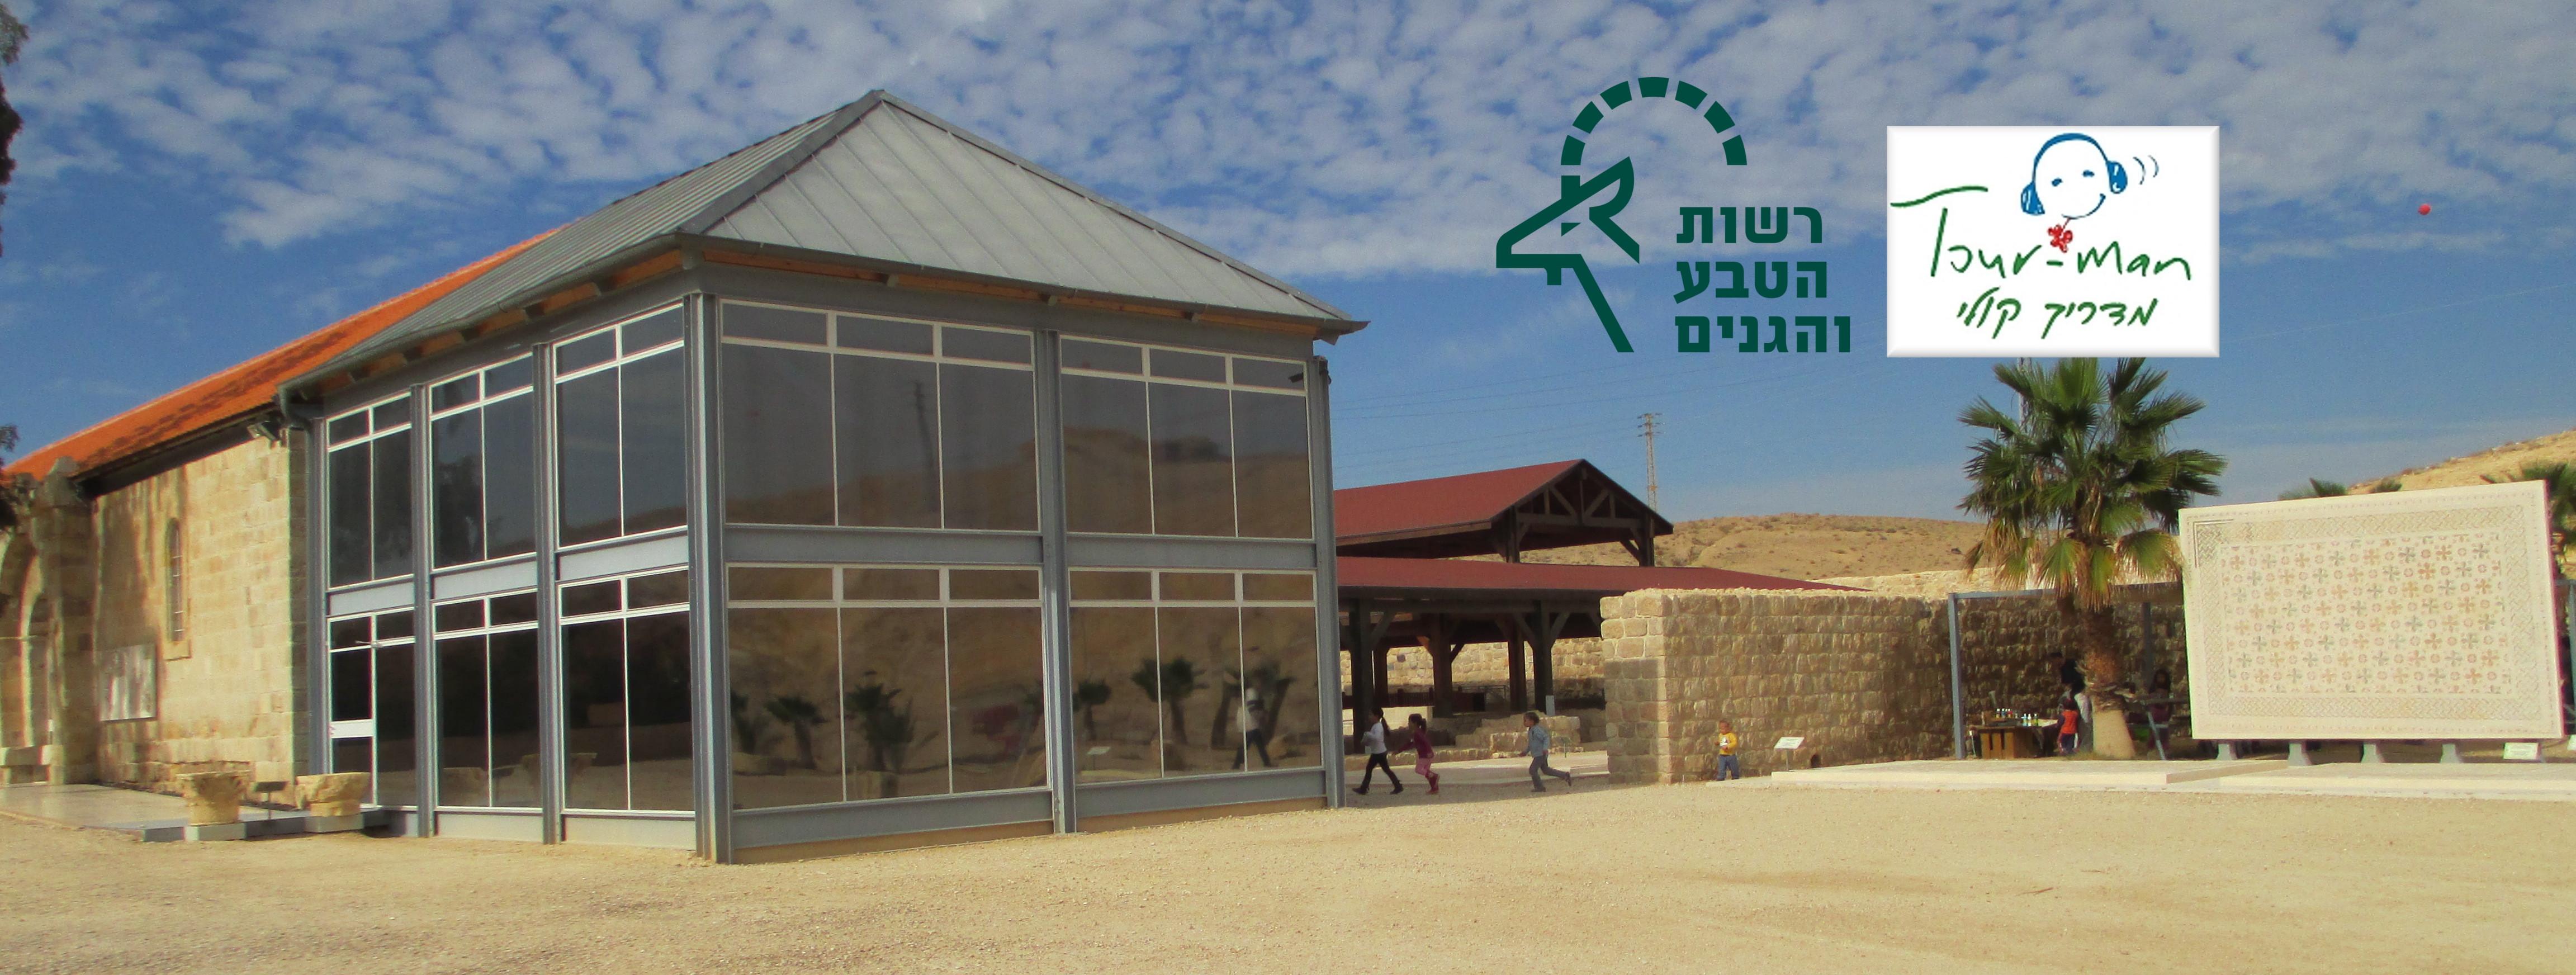 pikiwiki_israel_28471_good_samaritan_museum-copy